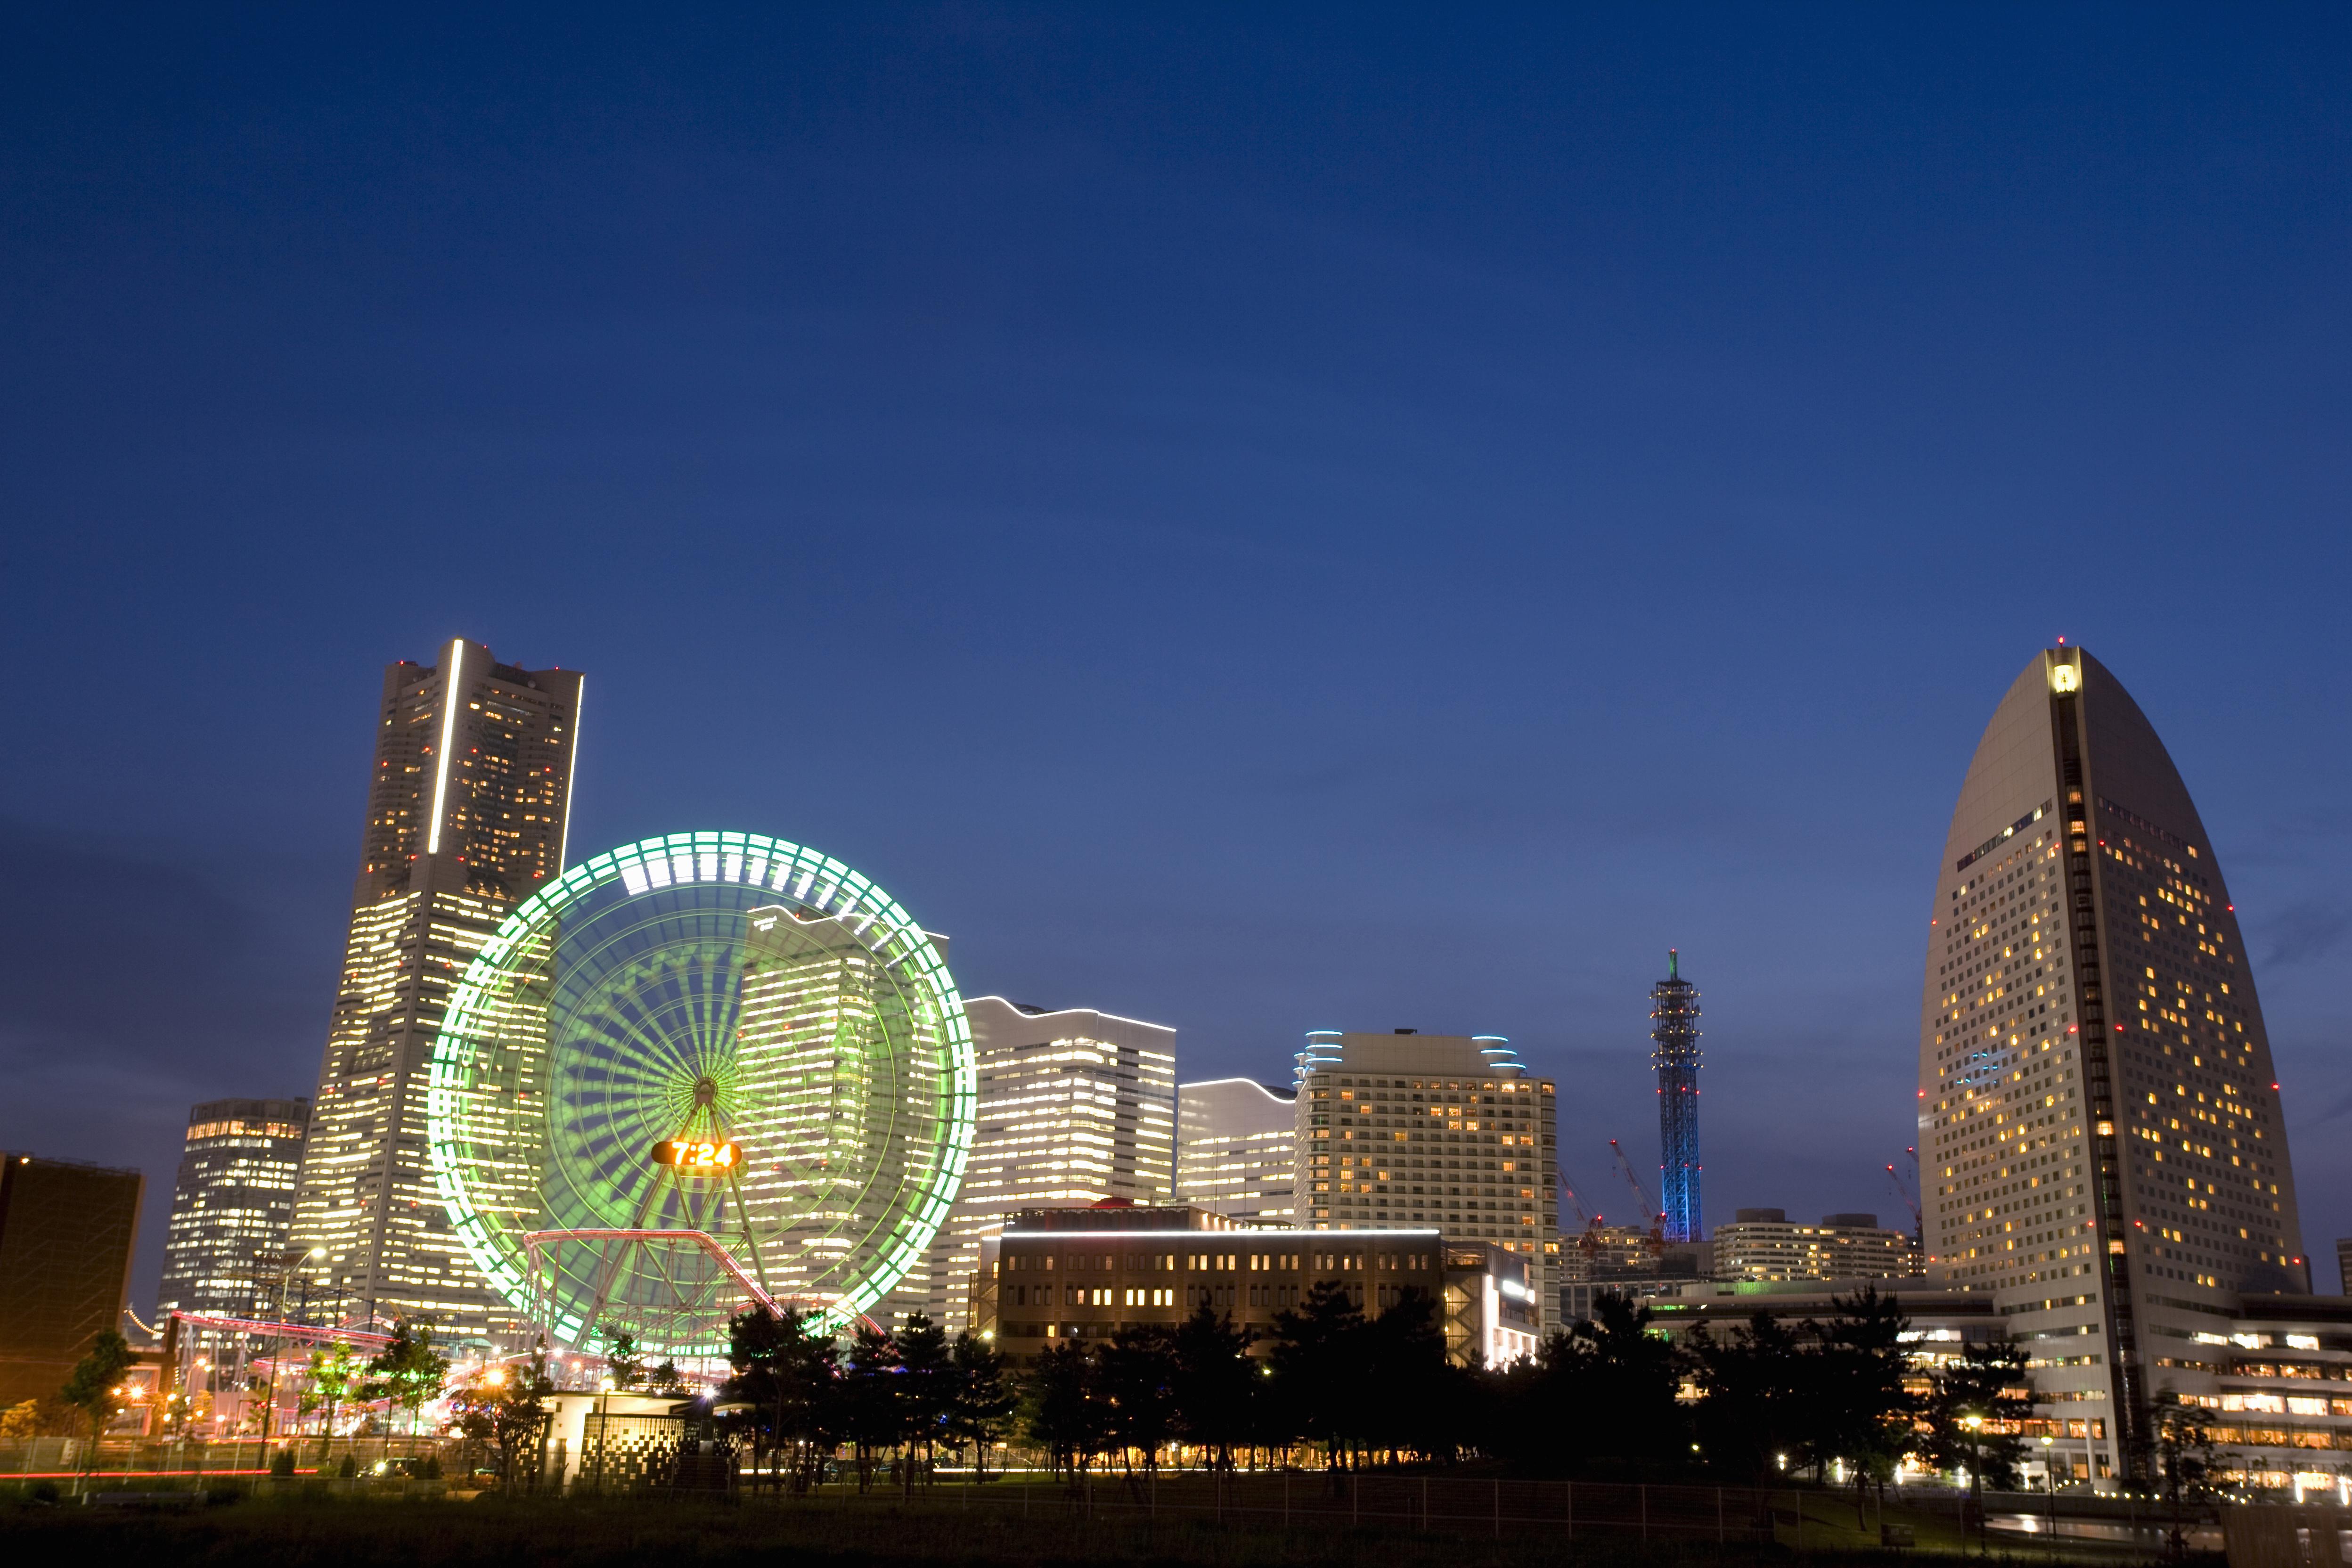 横浜みなとみらいの夜景みなとみらいの夜景